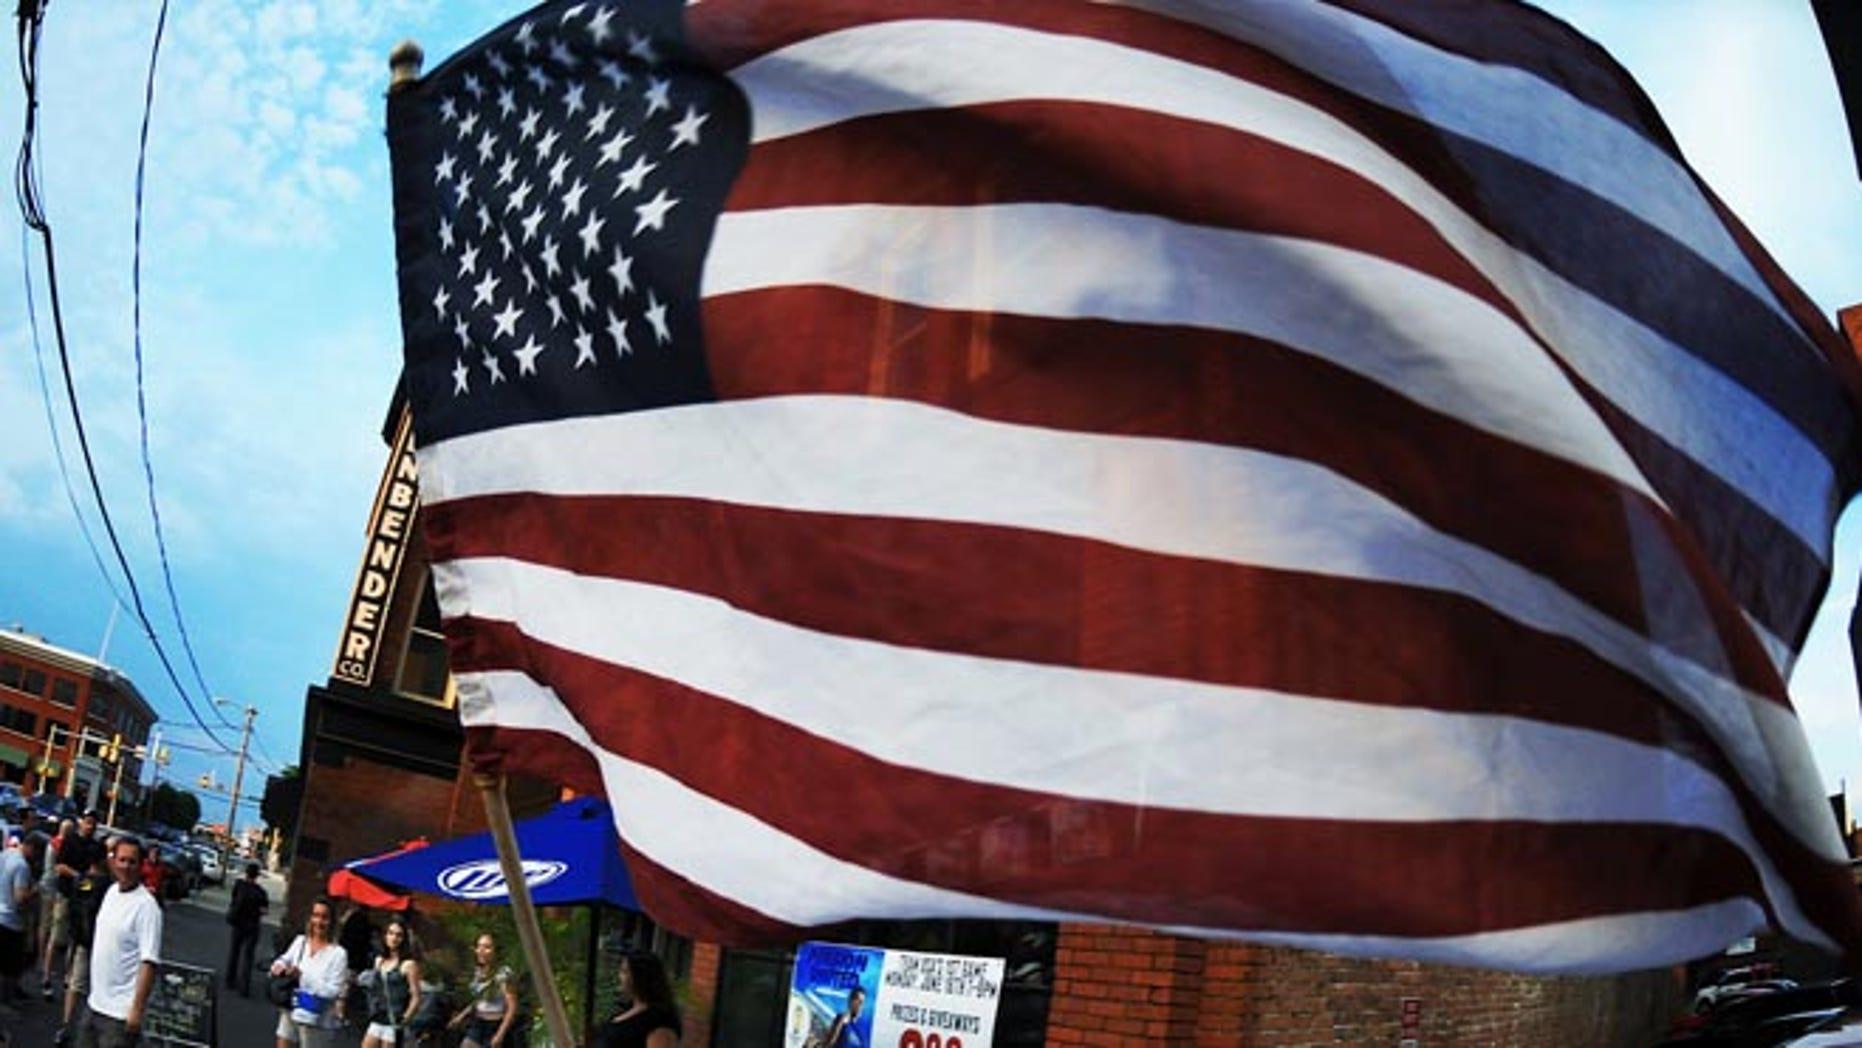 Soccer fan waves the U.S. Flag in downtown Scranton, Pa. on Monday, June 16, 2014.